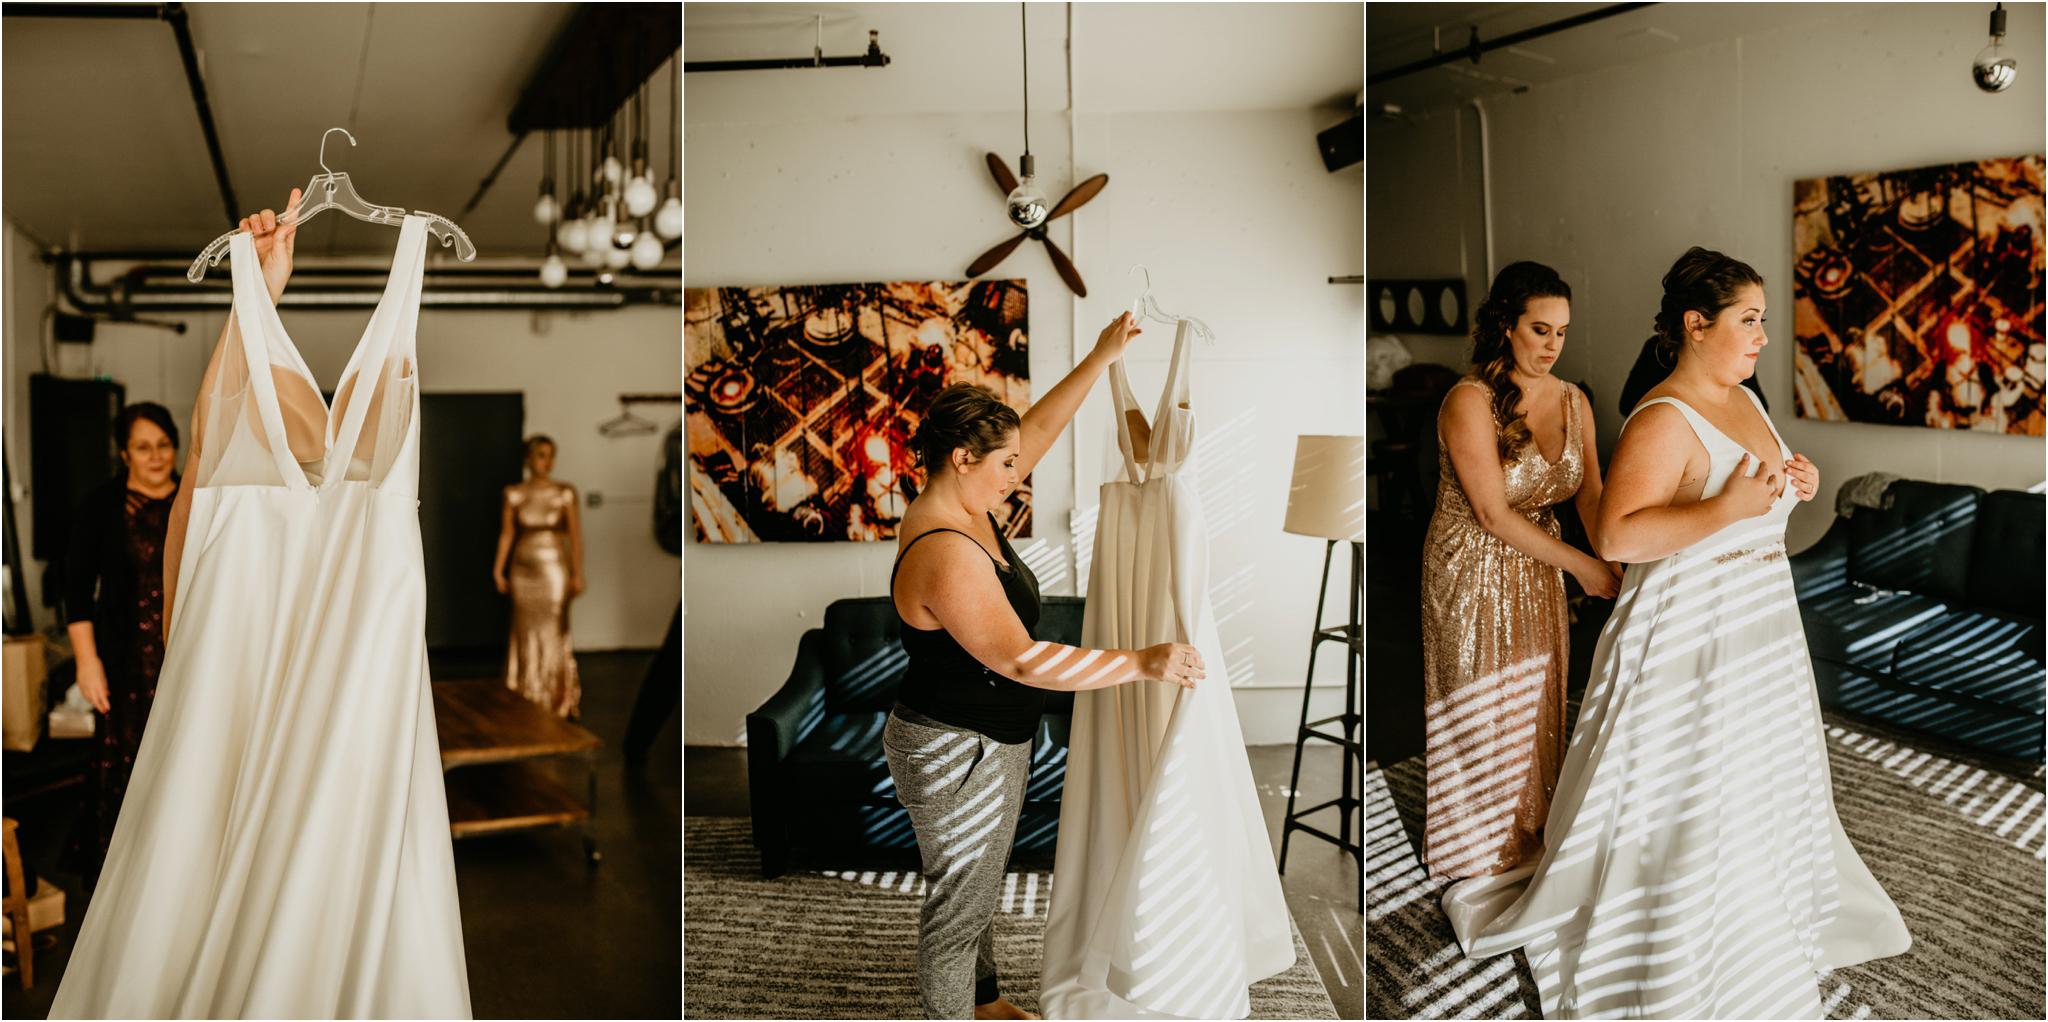 ashley-and-david-fremont-foundry-seattle-washington-wedding-photographer-009.jpg